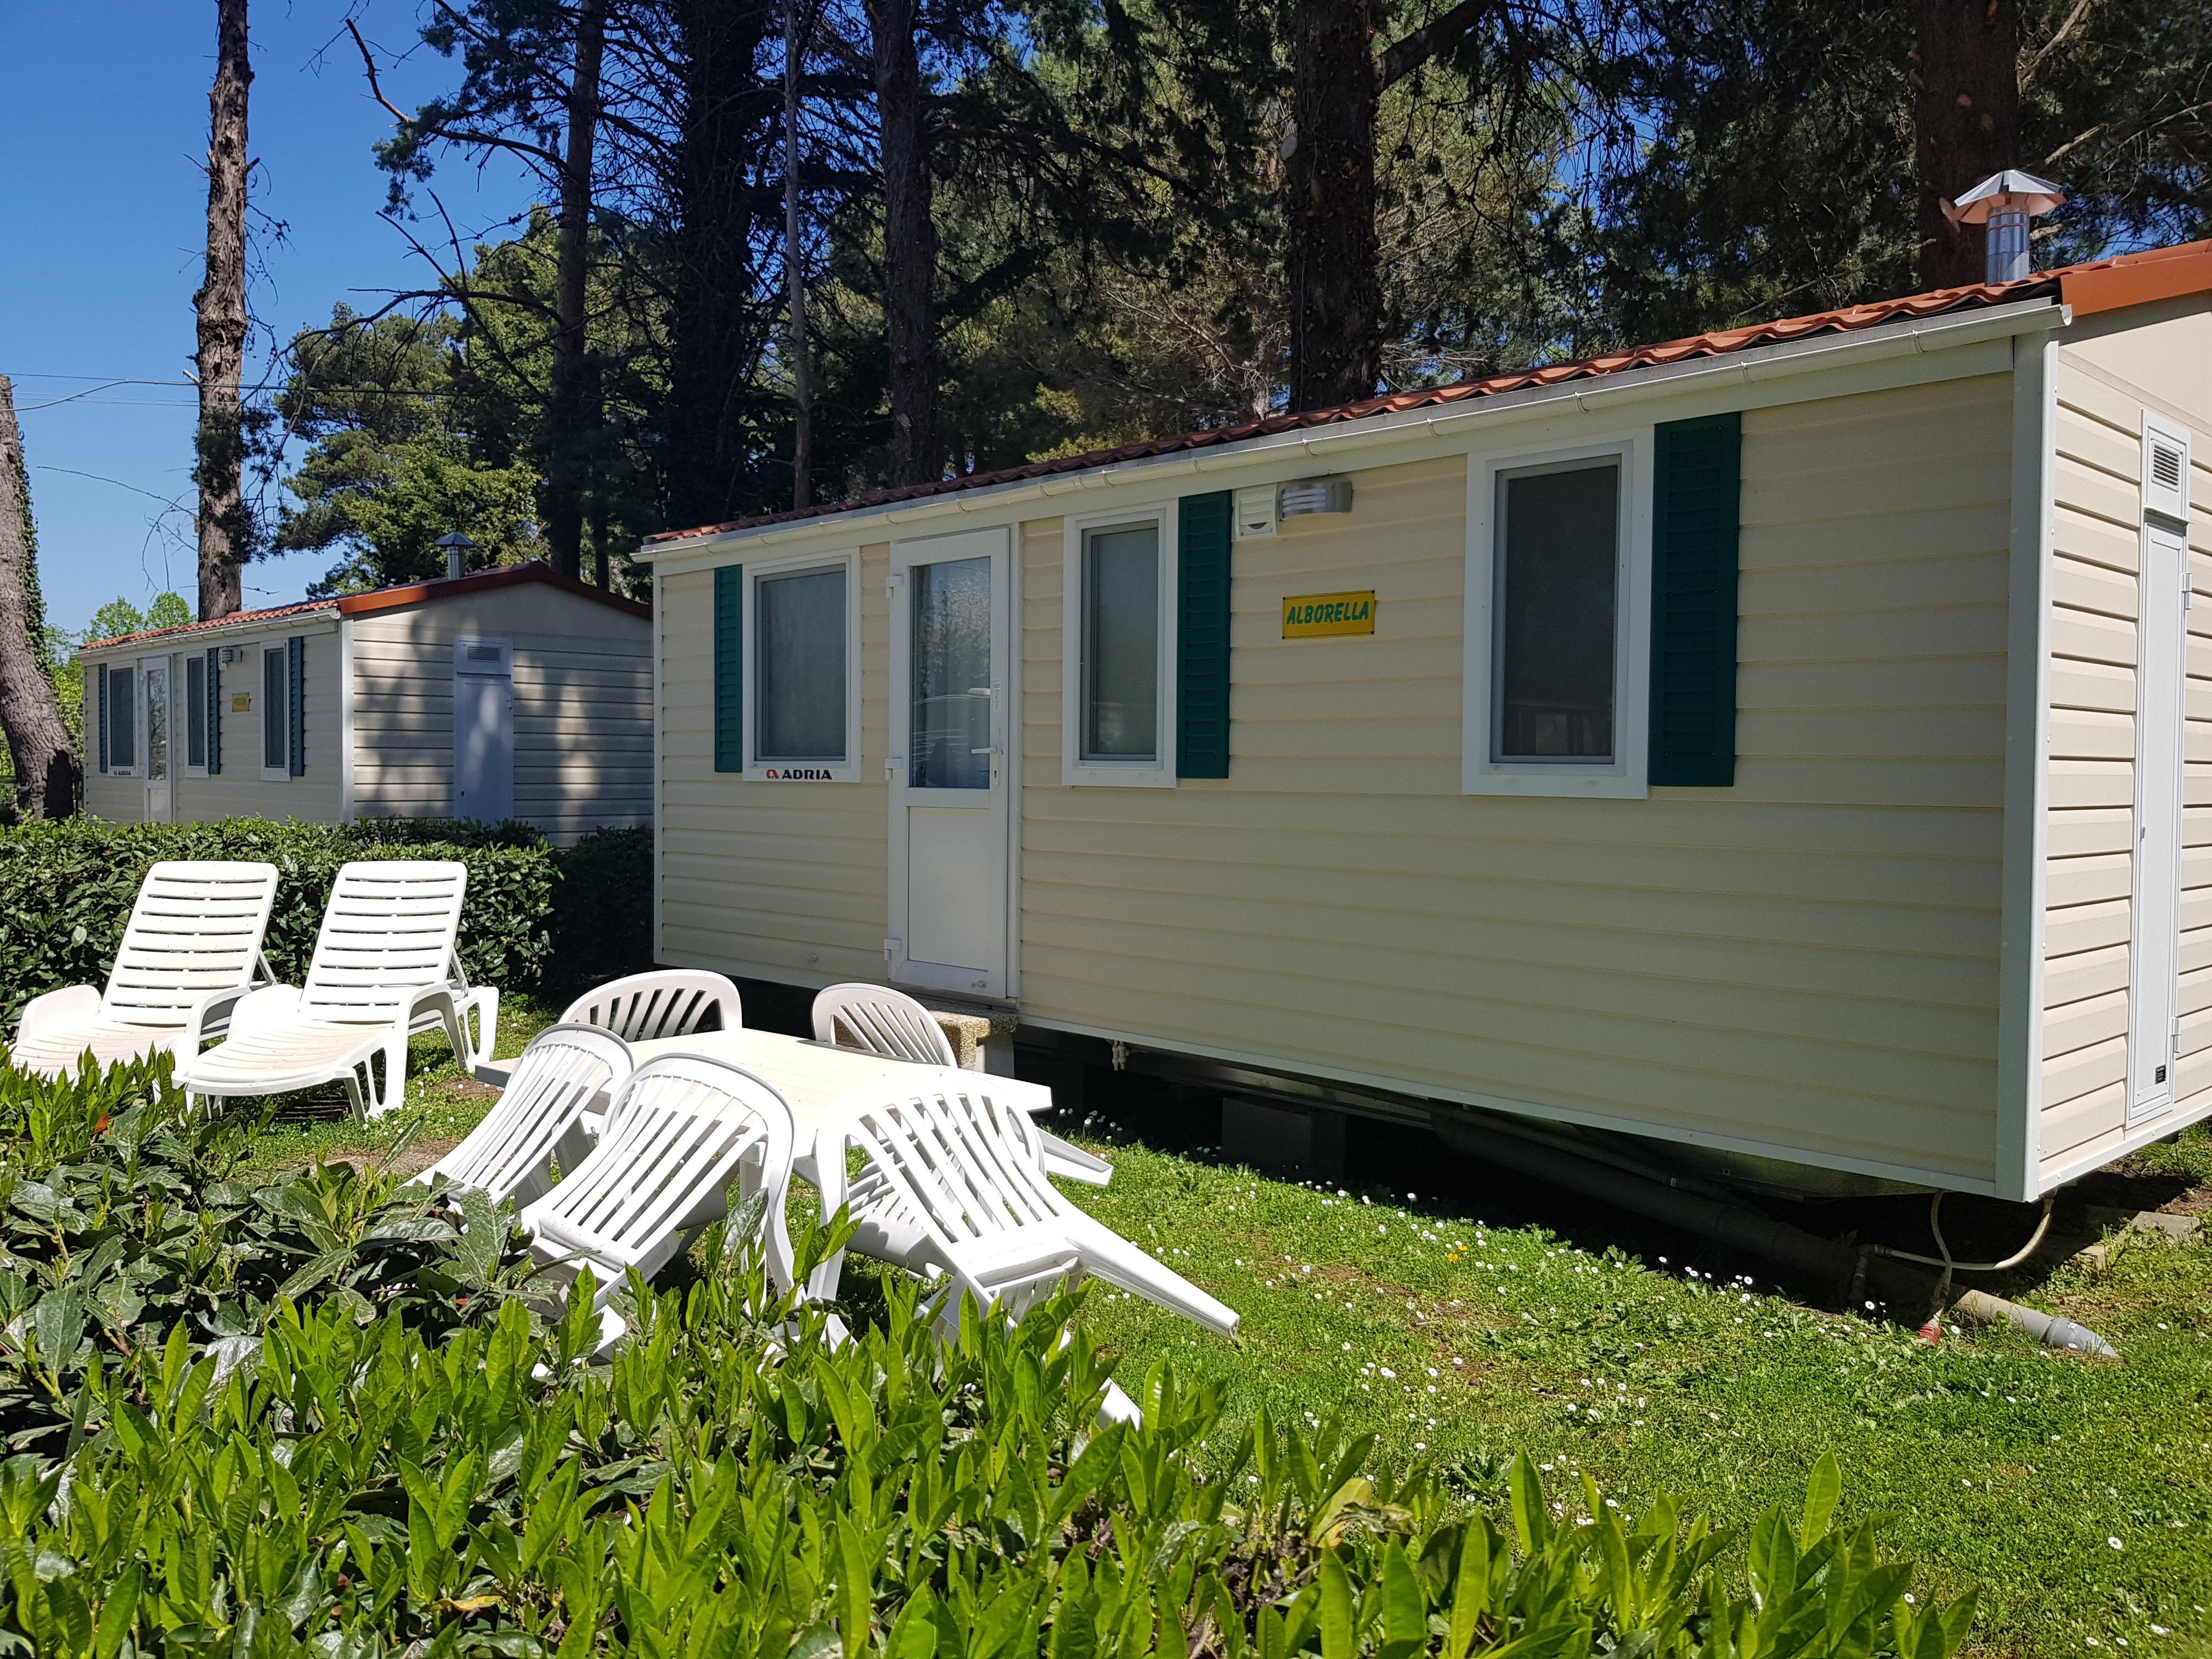 Casa Mobile DELUXE (aria condizionata inclusa) 21 m² - 4 posti letto + 1 persona extra nella zona giorno - 1 bagno - giardino